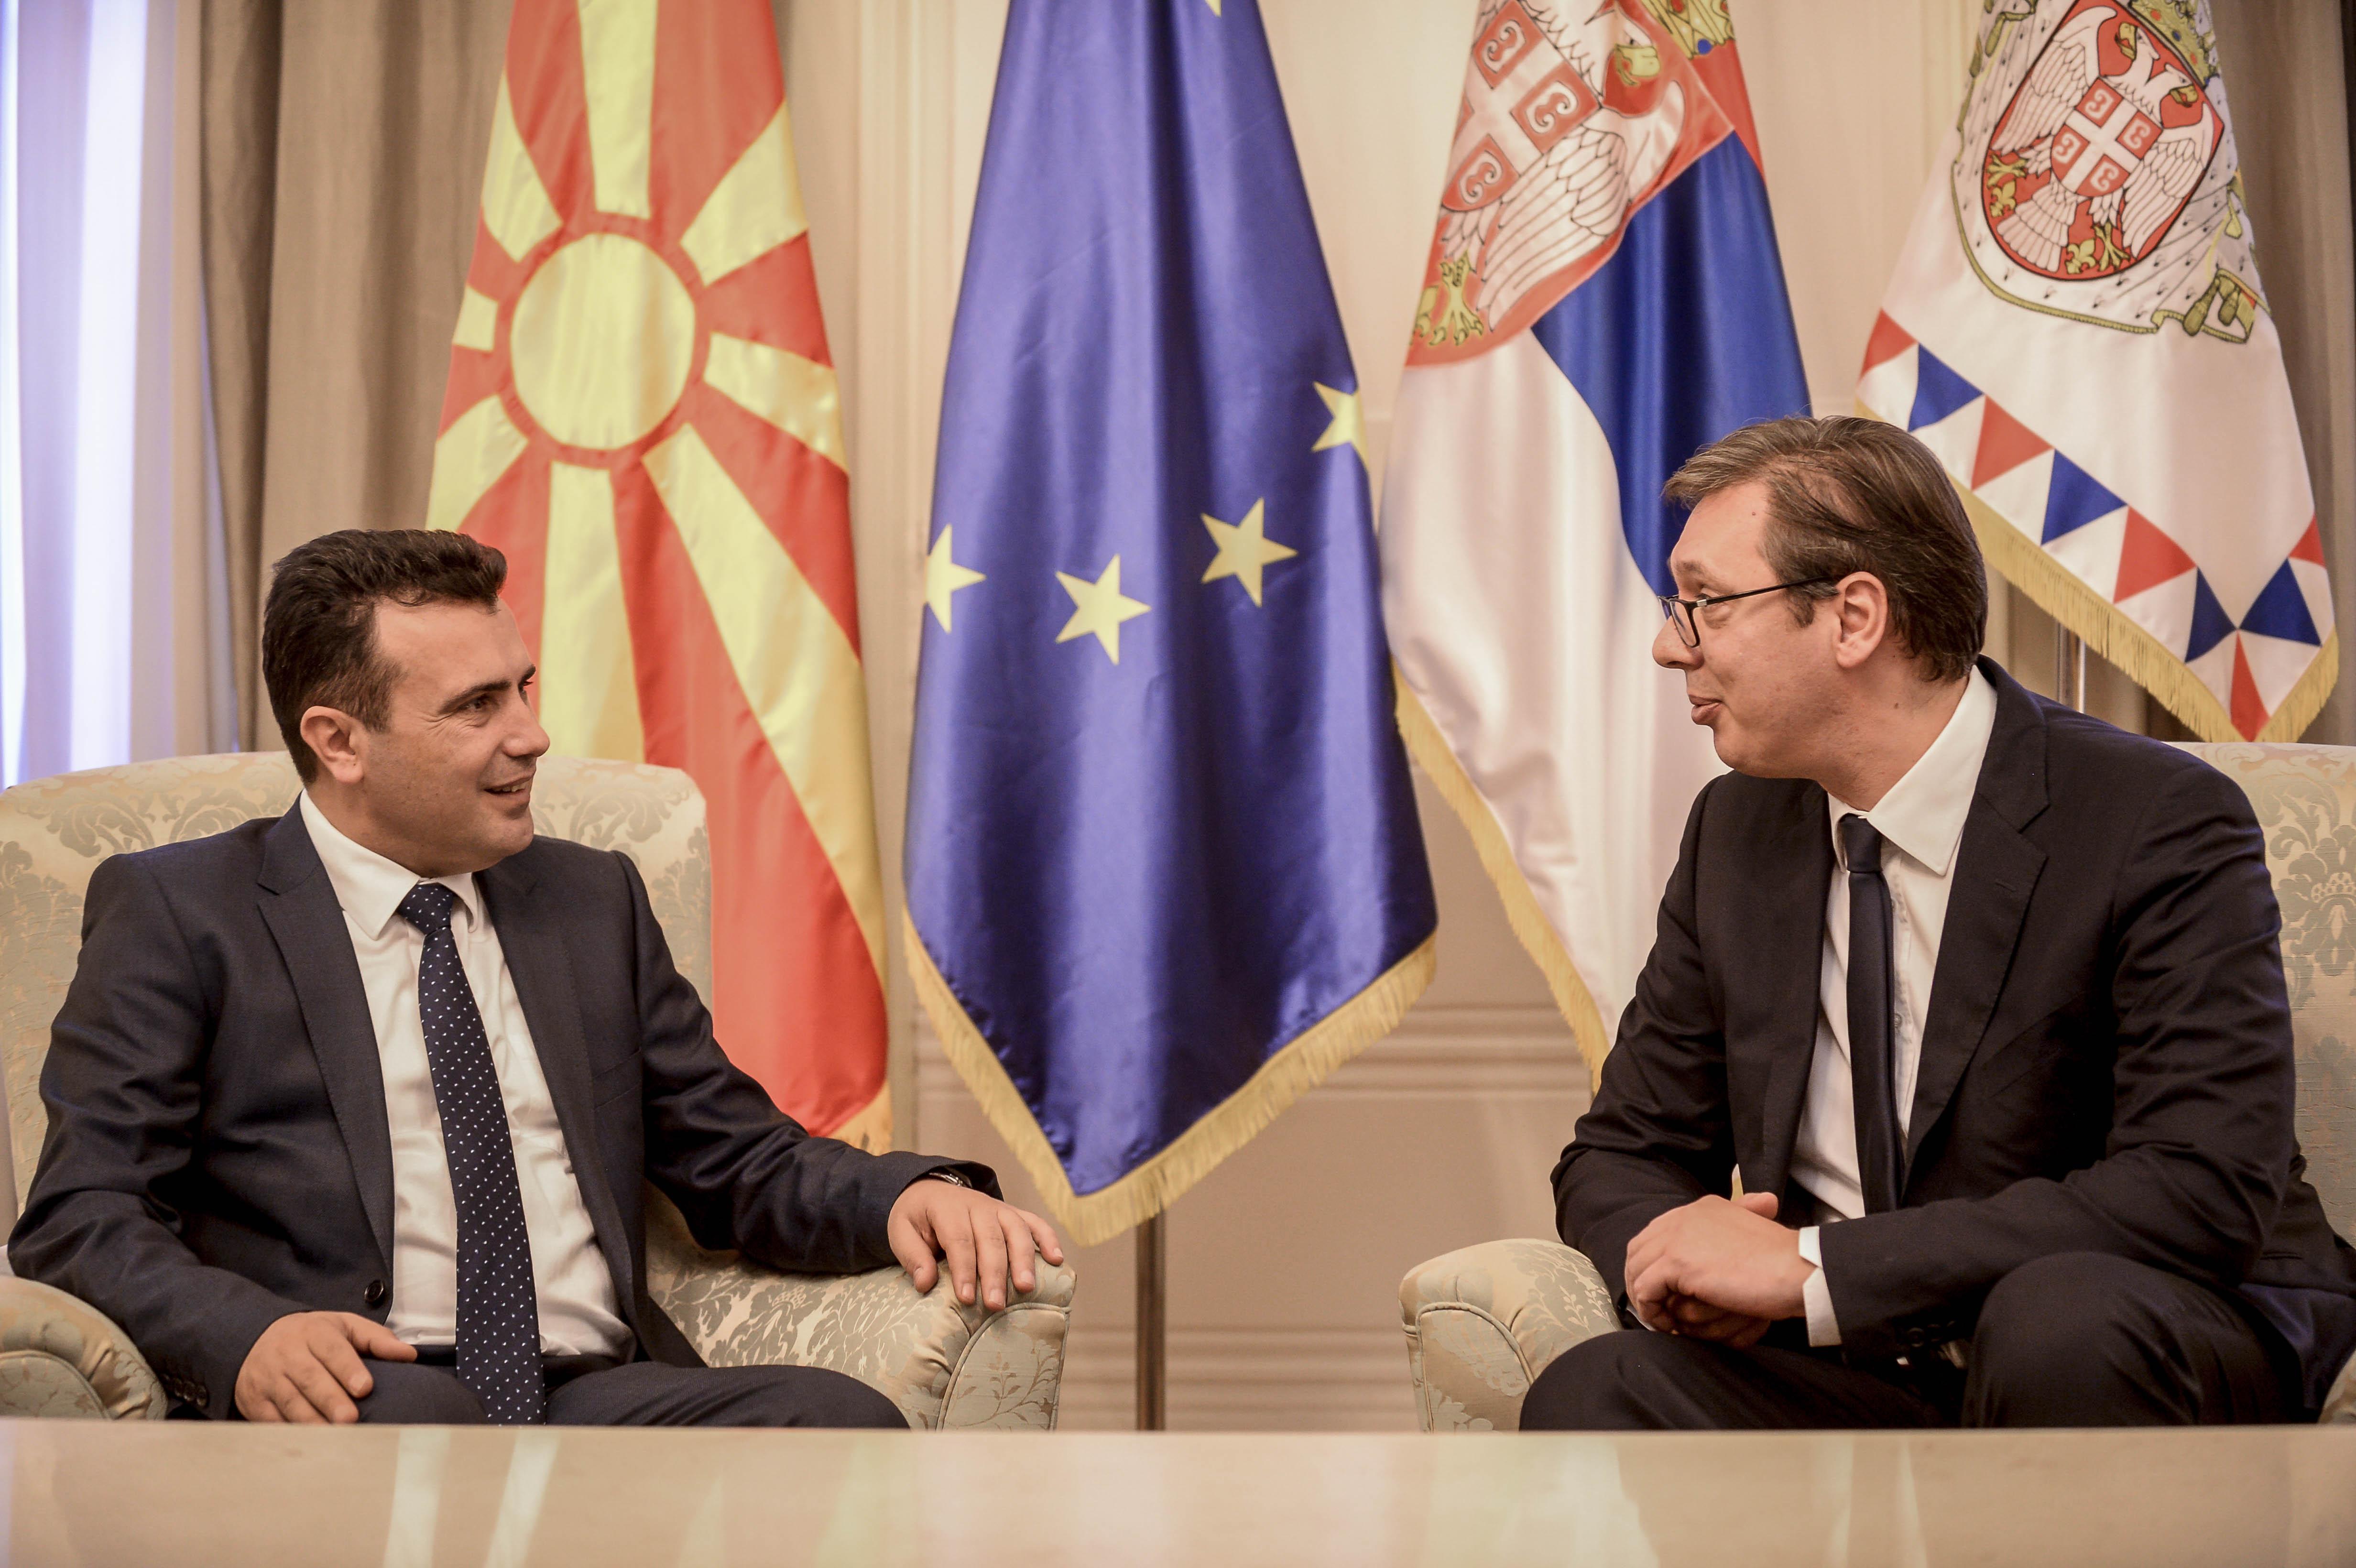 Заев се сретна со Вучиќ  Најавени повеќе иницијативи што ќе ја продлабочат соработката